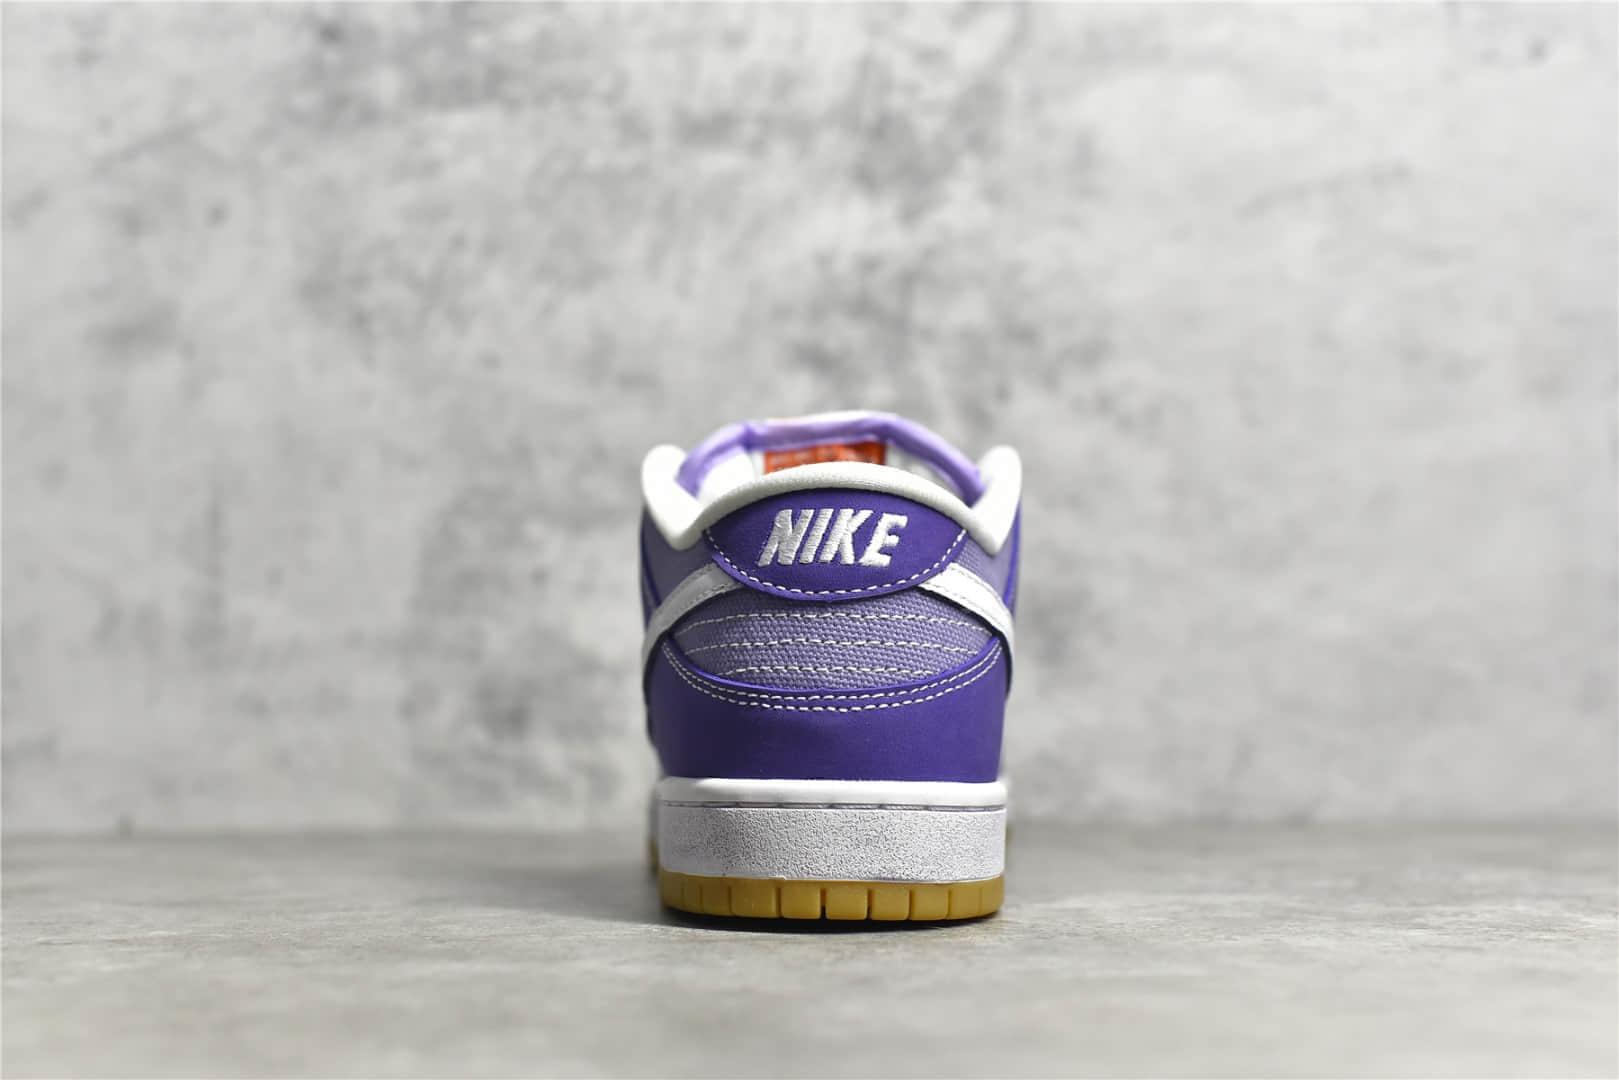 耐克Dunk SB紫色低帮 Nike SB Dunk Low 耐克Dunk私密紫莆田纯原复刻 货号:DA9658-500-潮流者之家